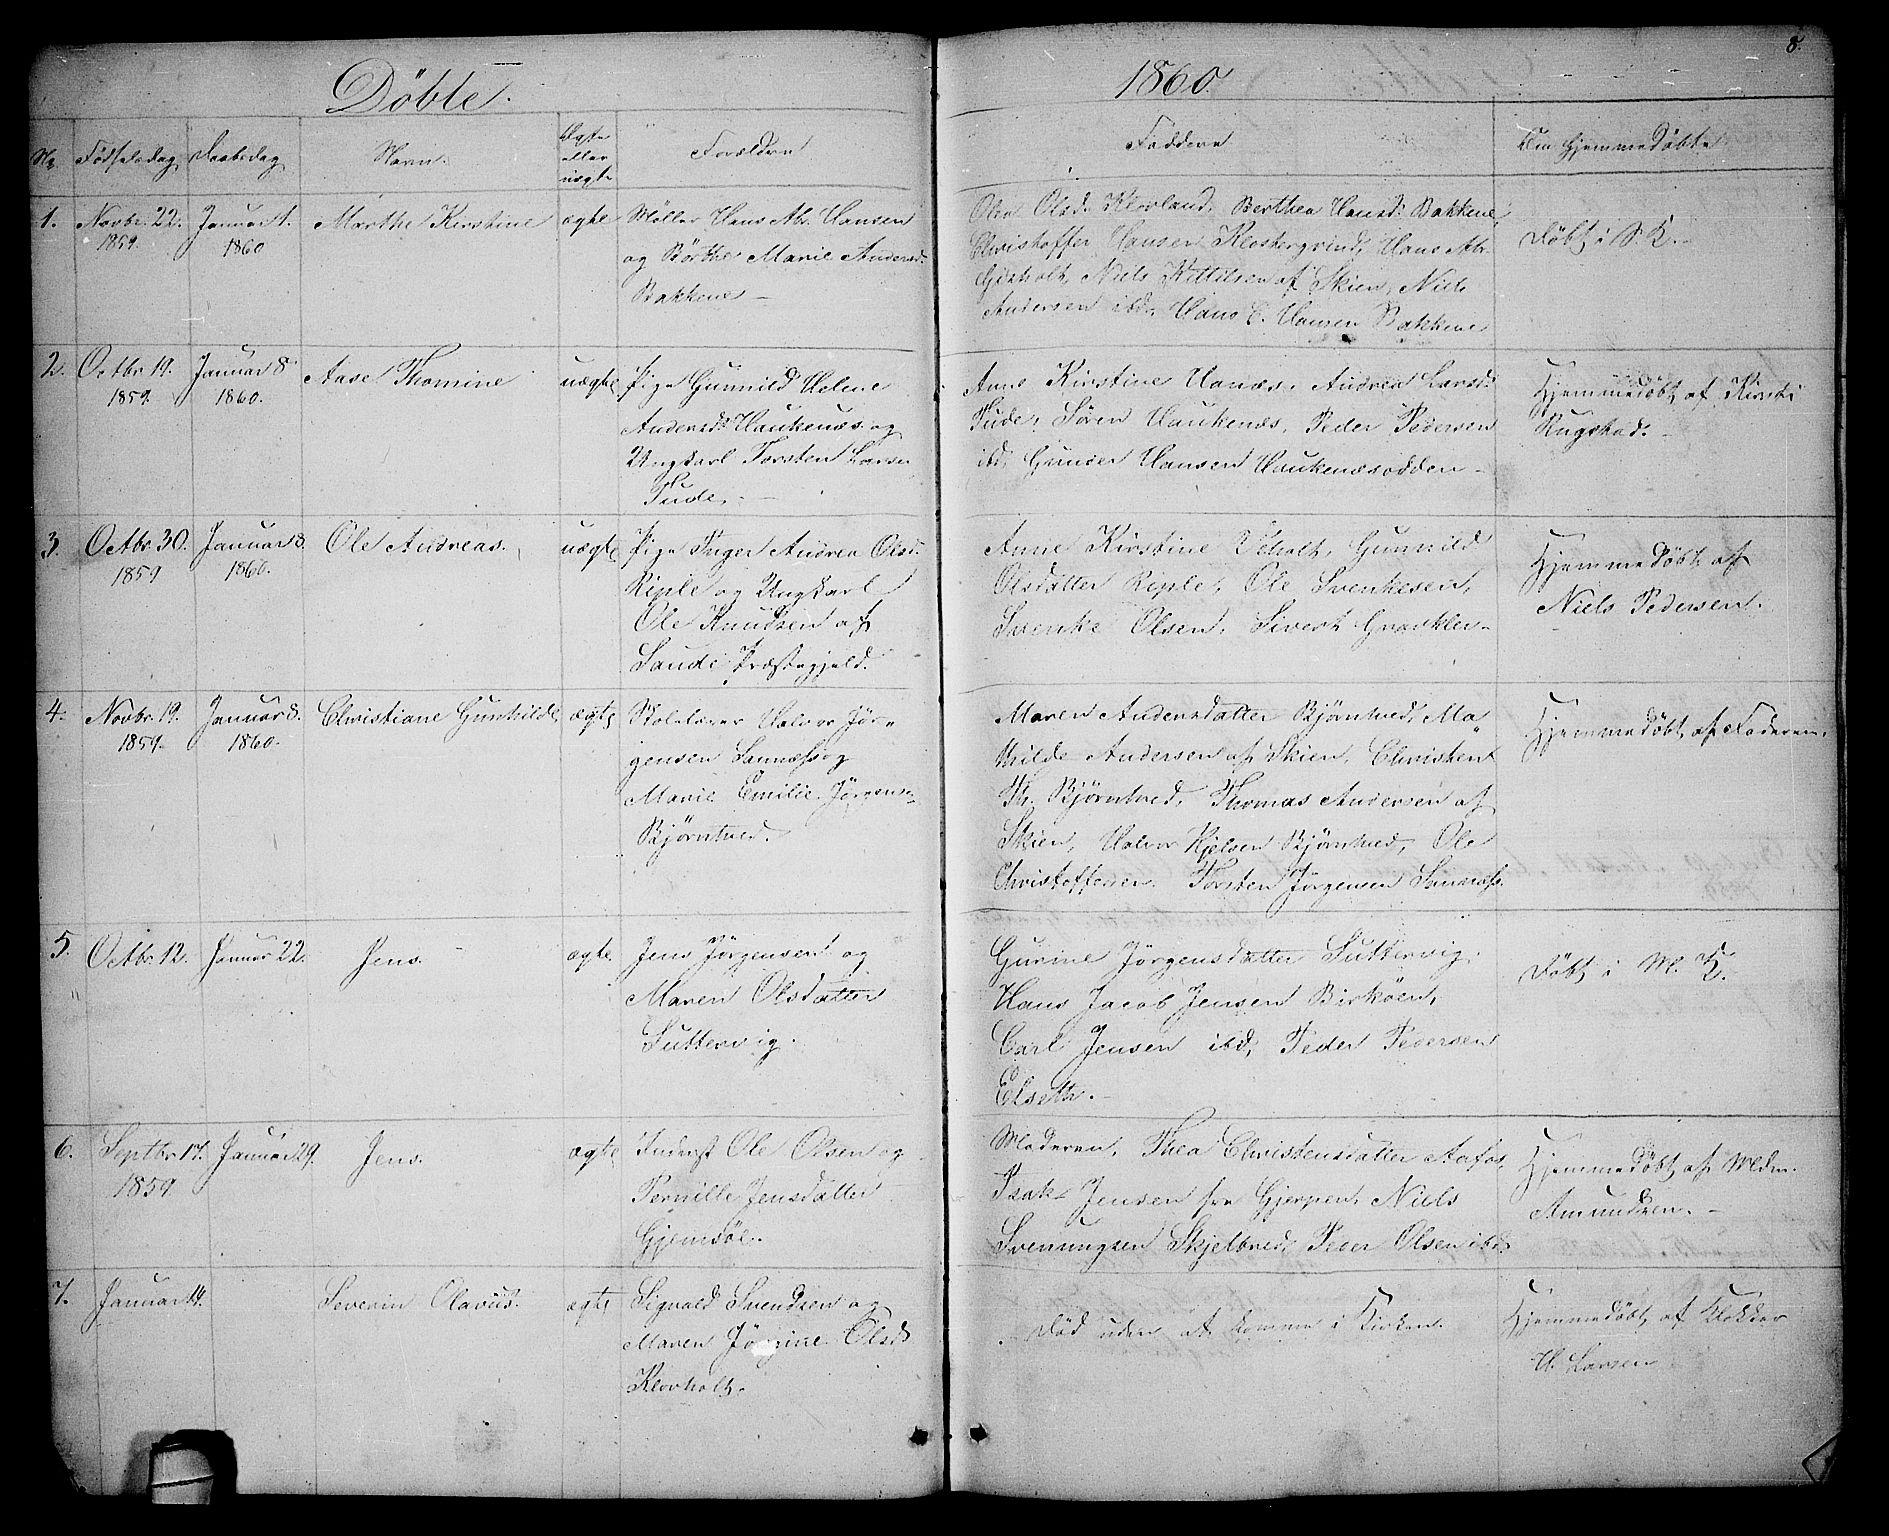 SAKO, Solum kirkebøker, G/Ga/L0004: Klokkerbok nr. I 4, 1859-1876, s. 8